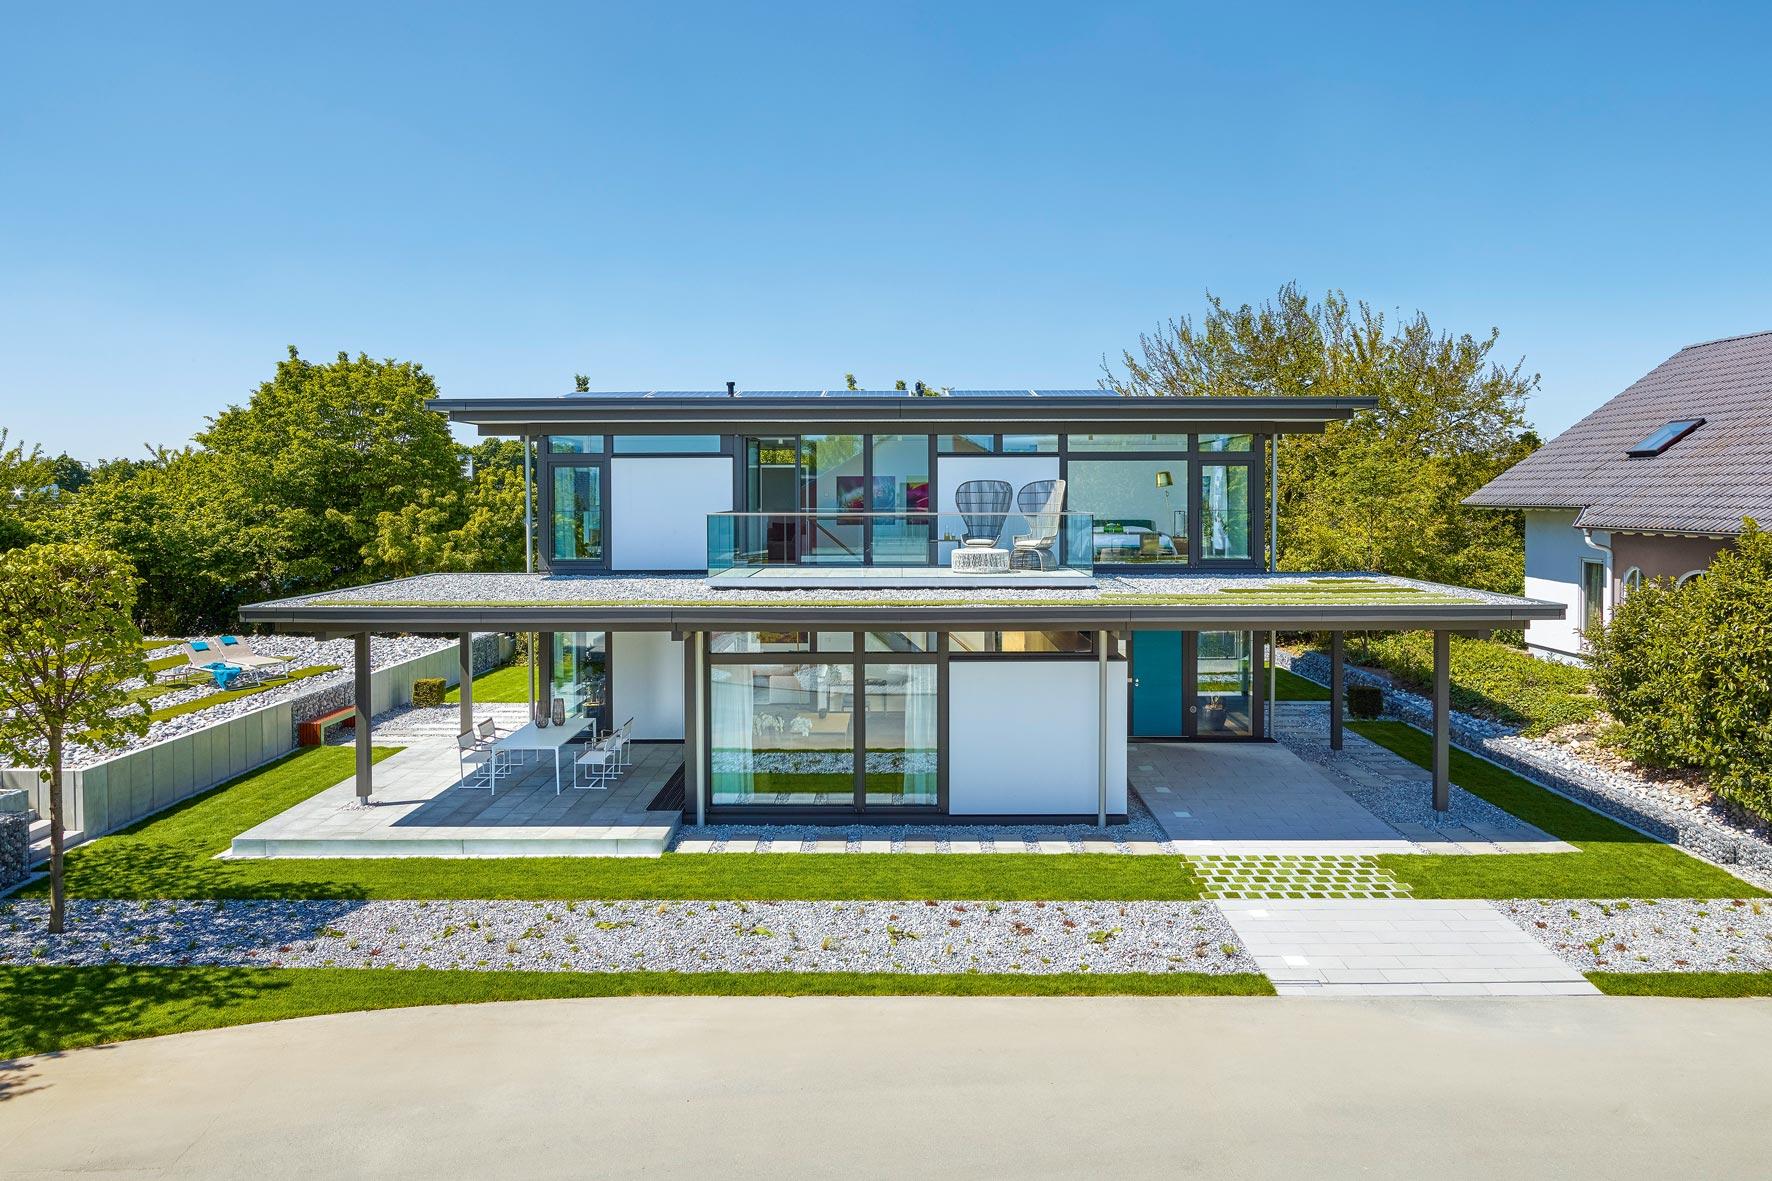 Huf Haus Modum – Grünes Fachwerkhaus | greenhome